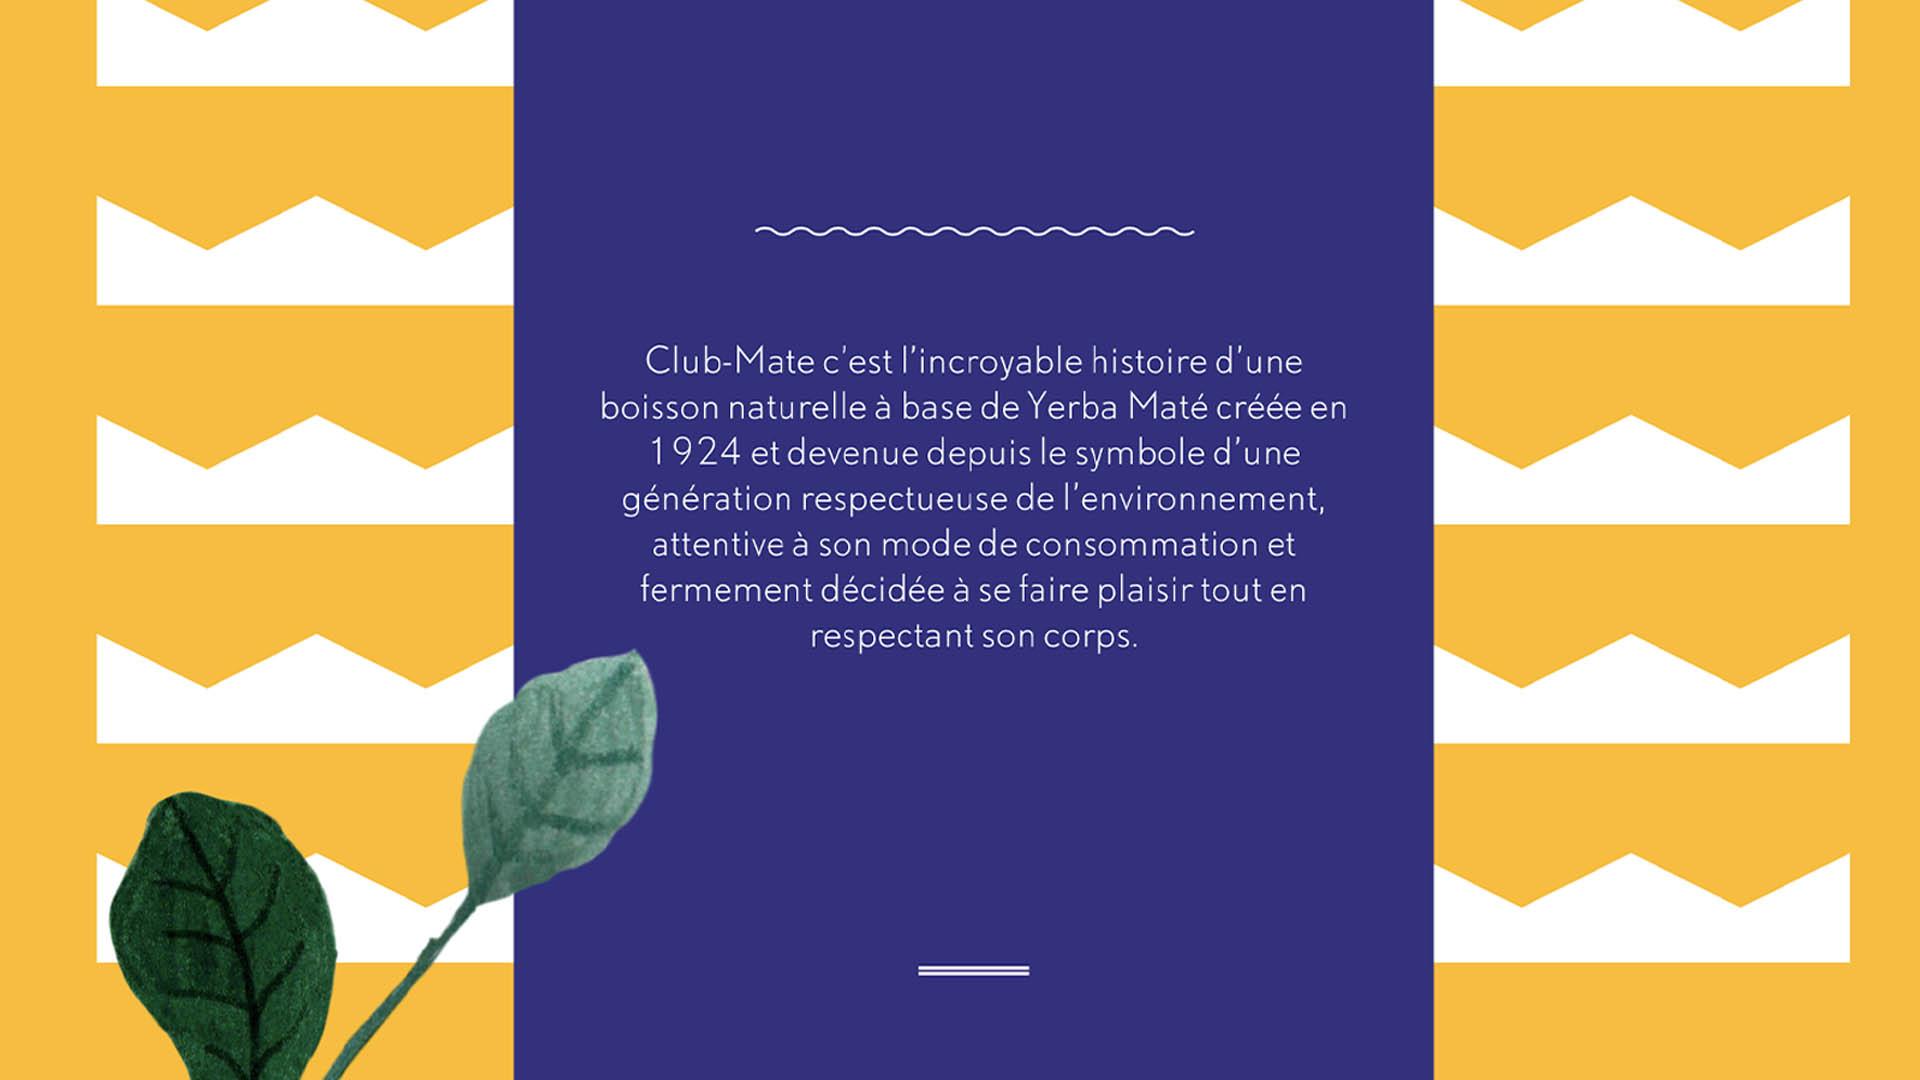 Club-Mate consigne soda boisson histoire